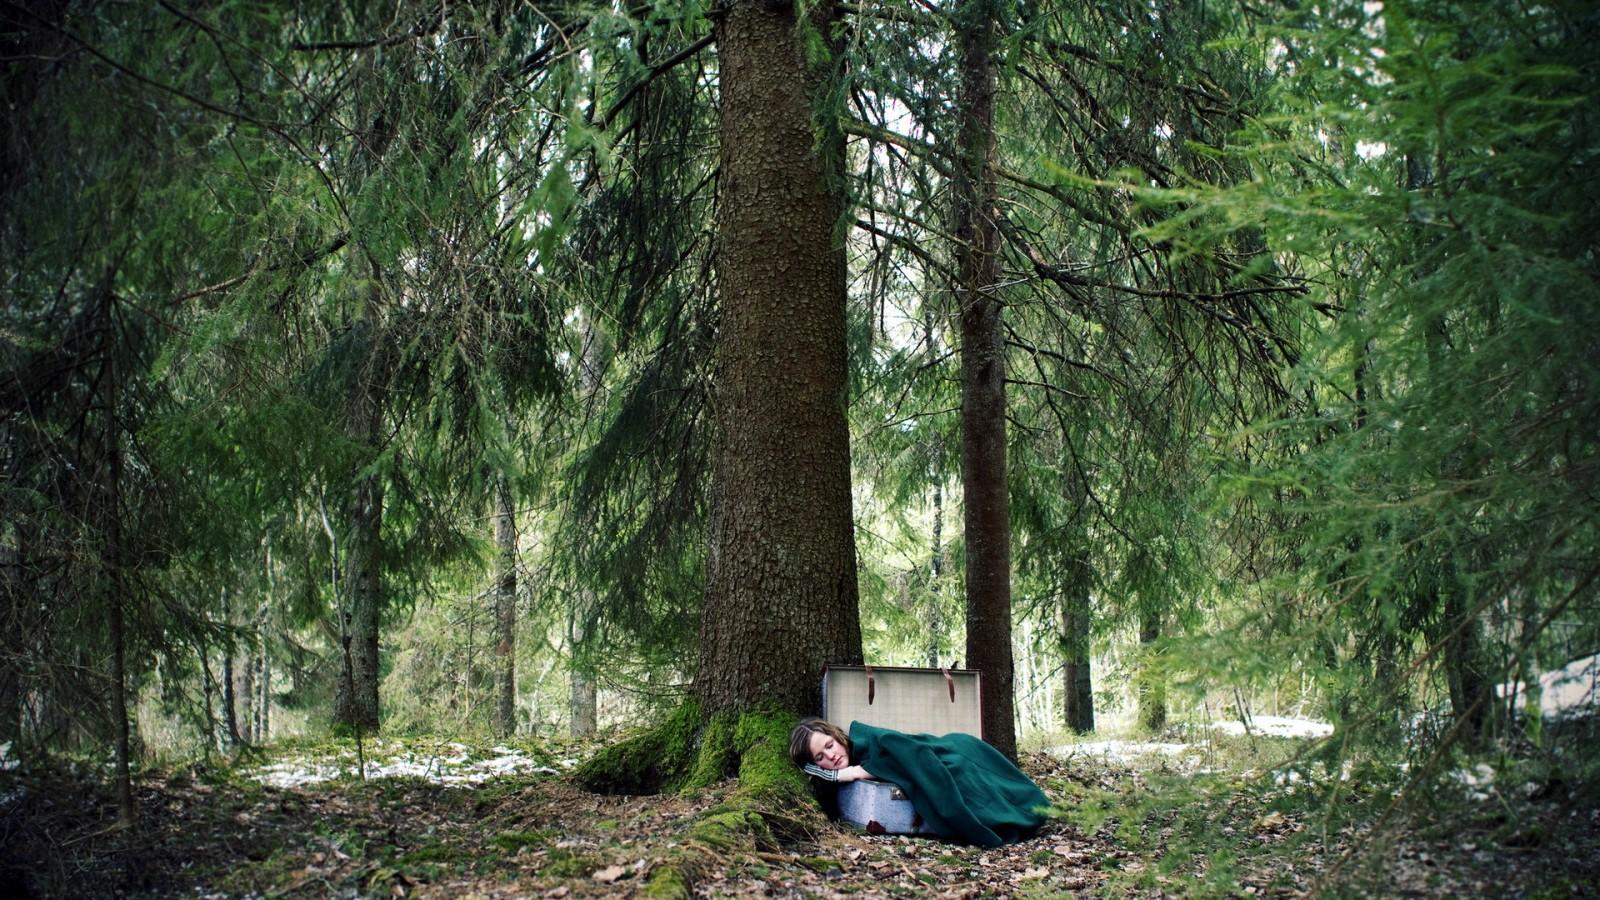 والپیپر دختر تنها با چمدان در جنگل